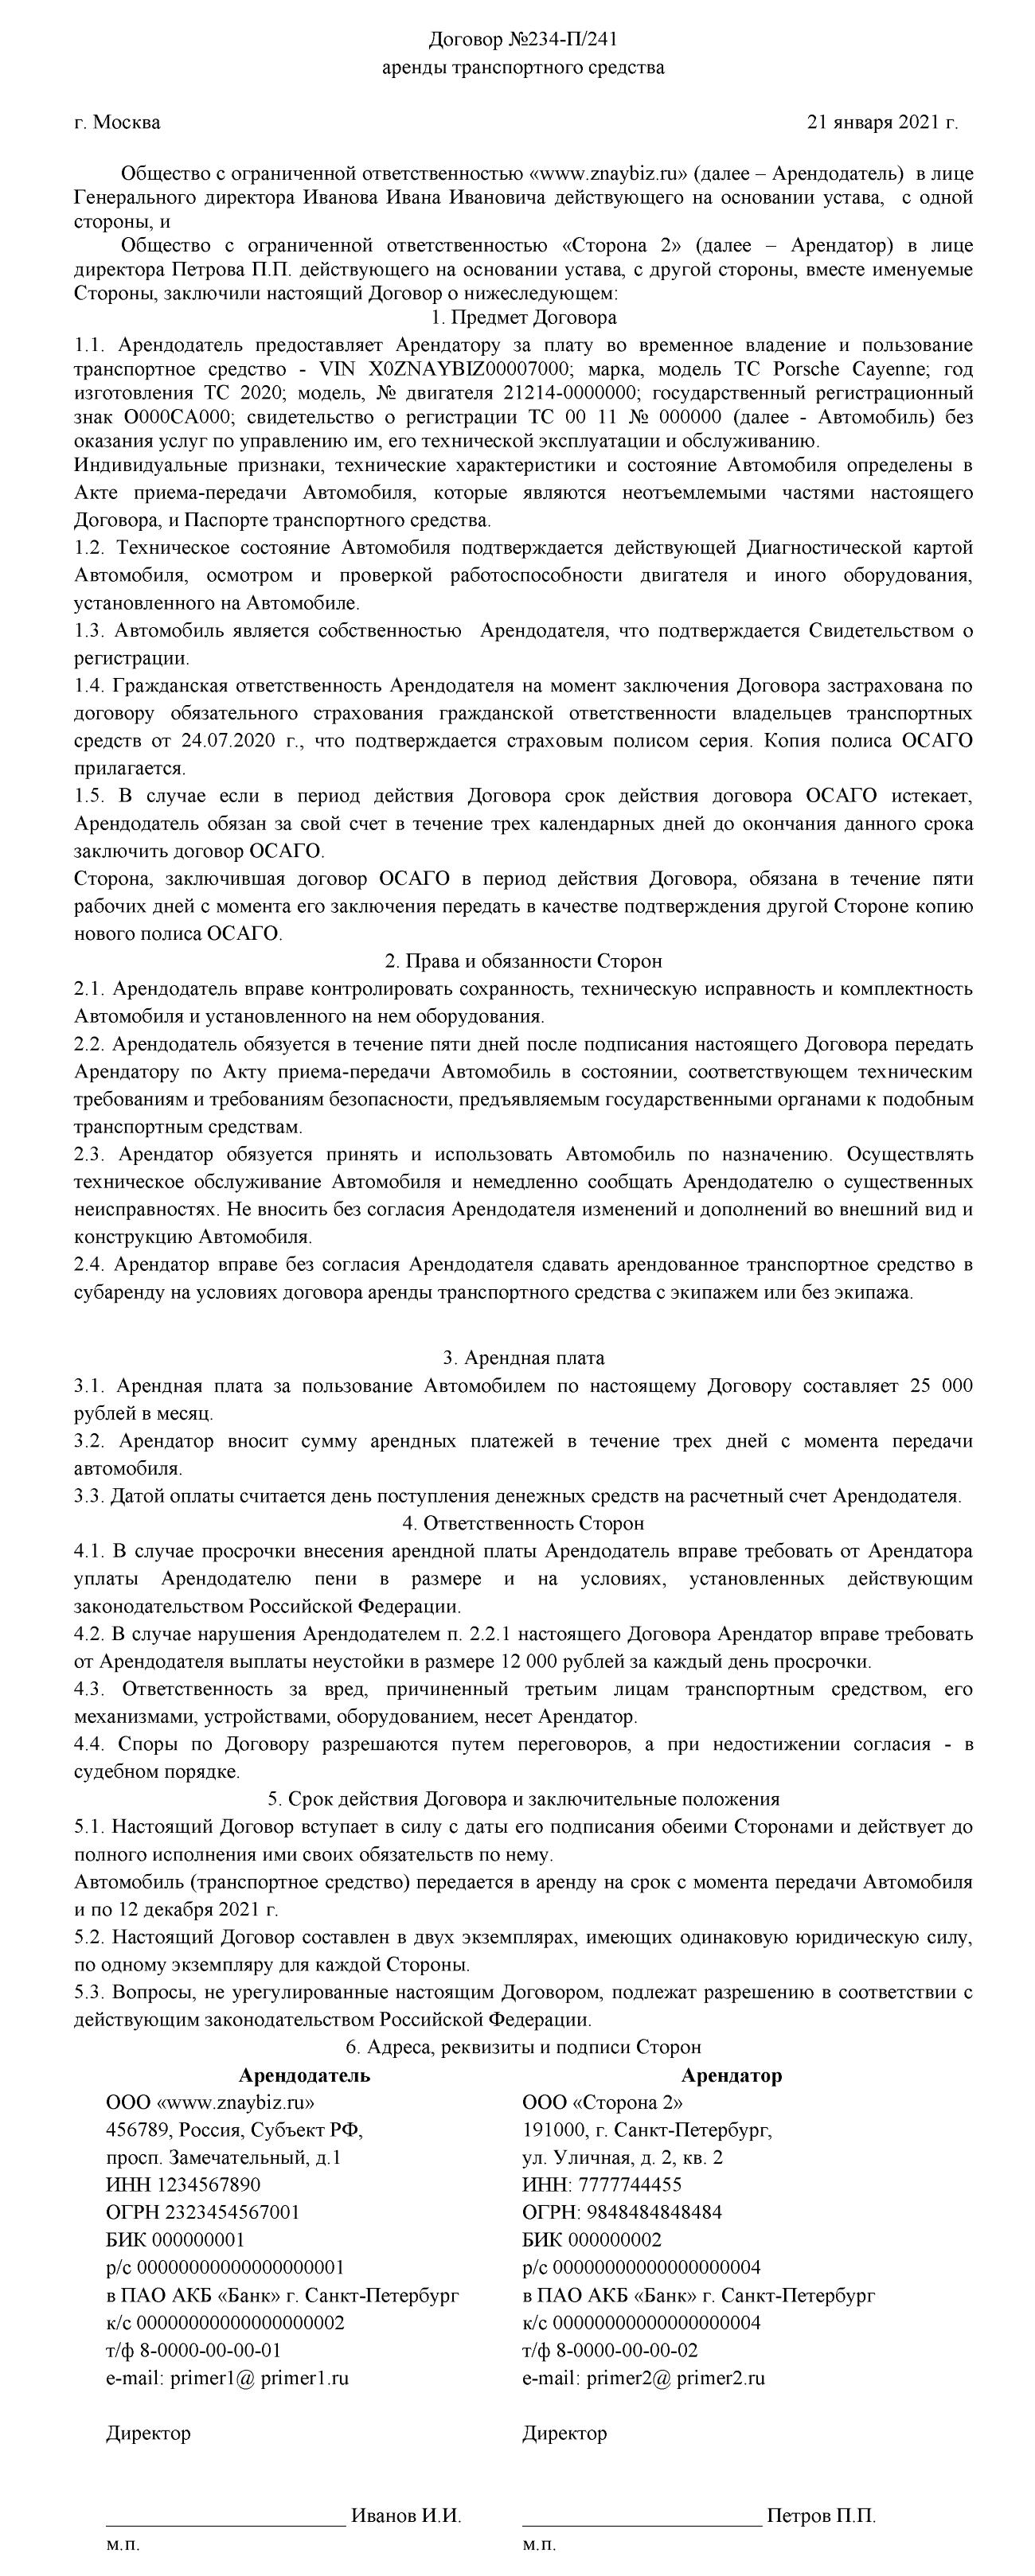 Образец договора аренды ТС